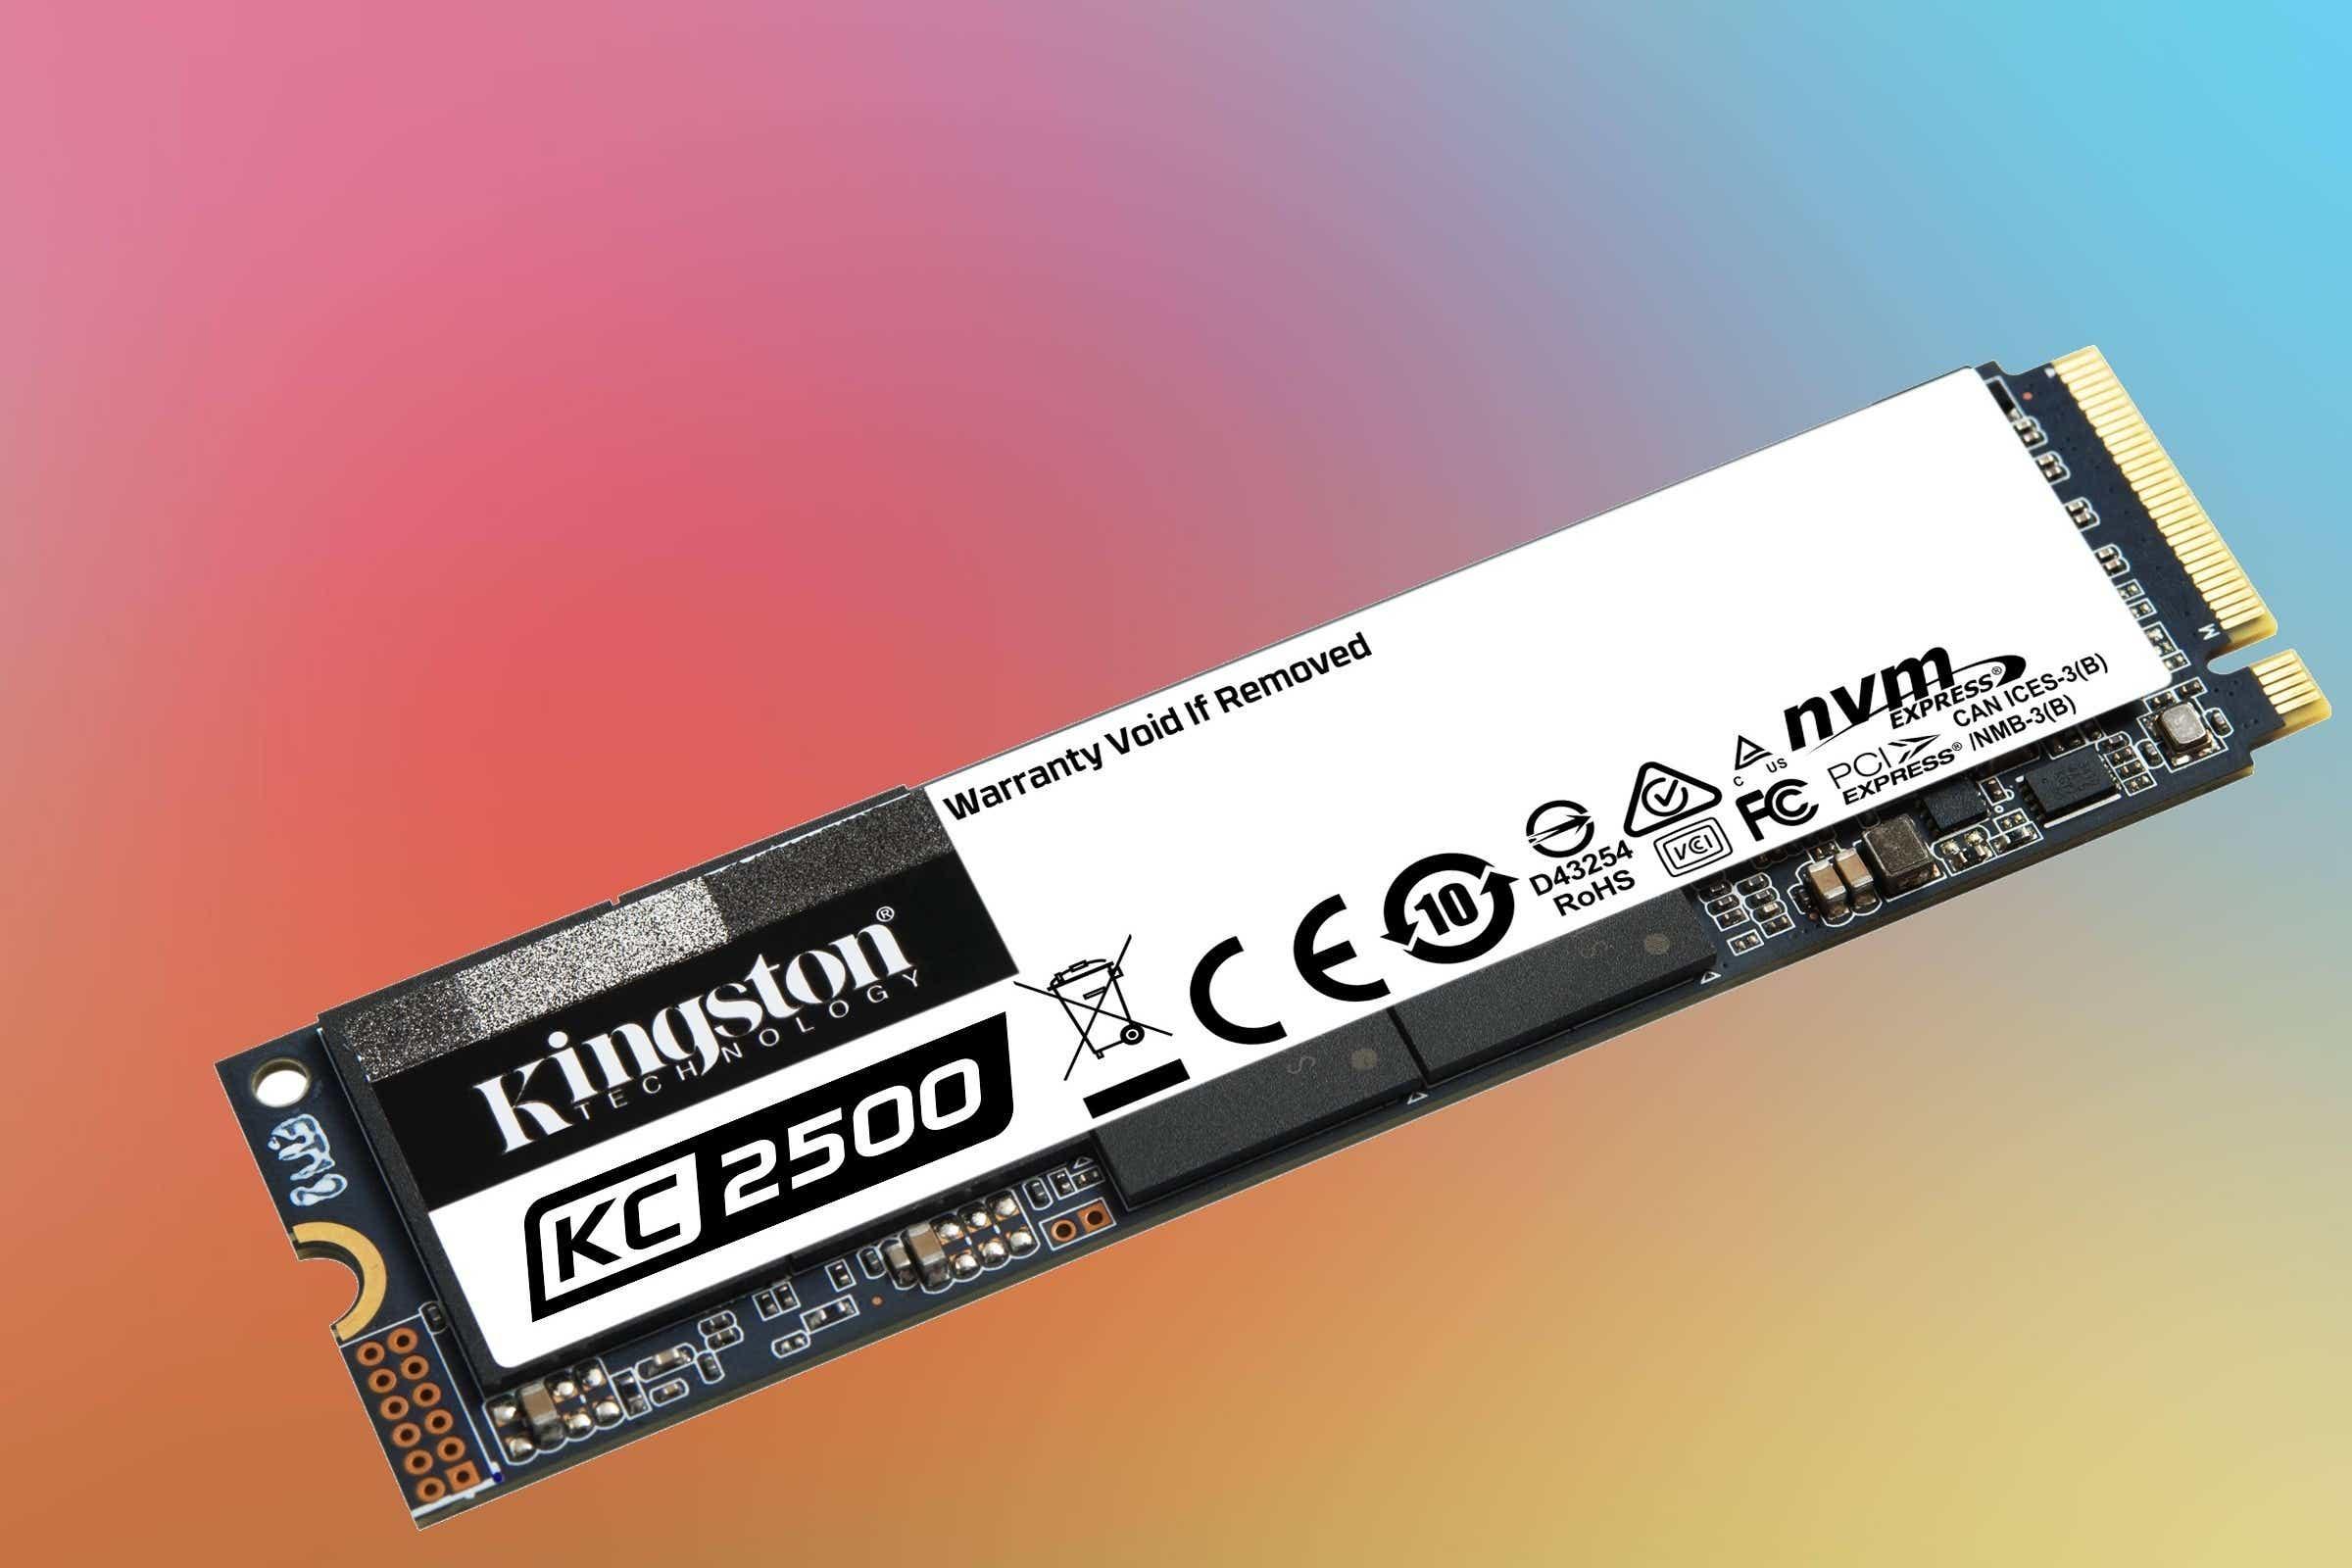 Kingston KC2500 NVMe SSD (1TB)